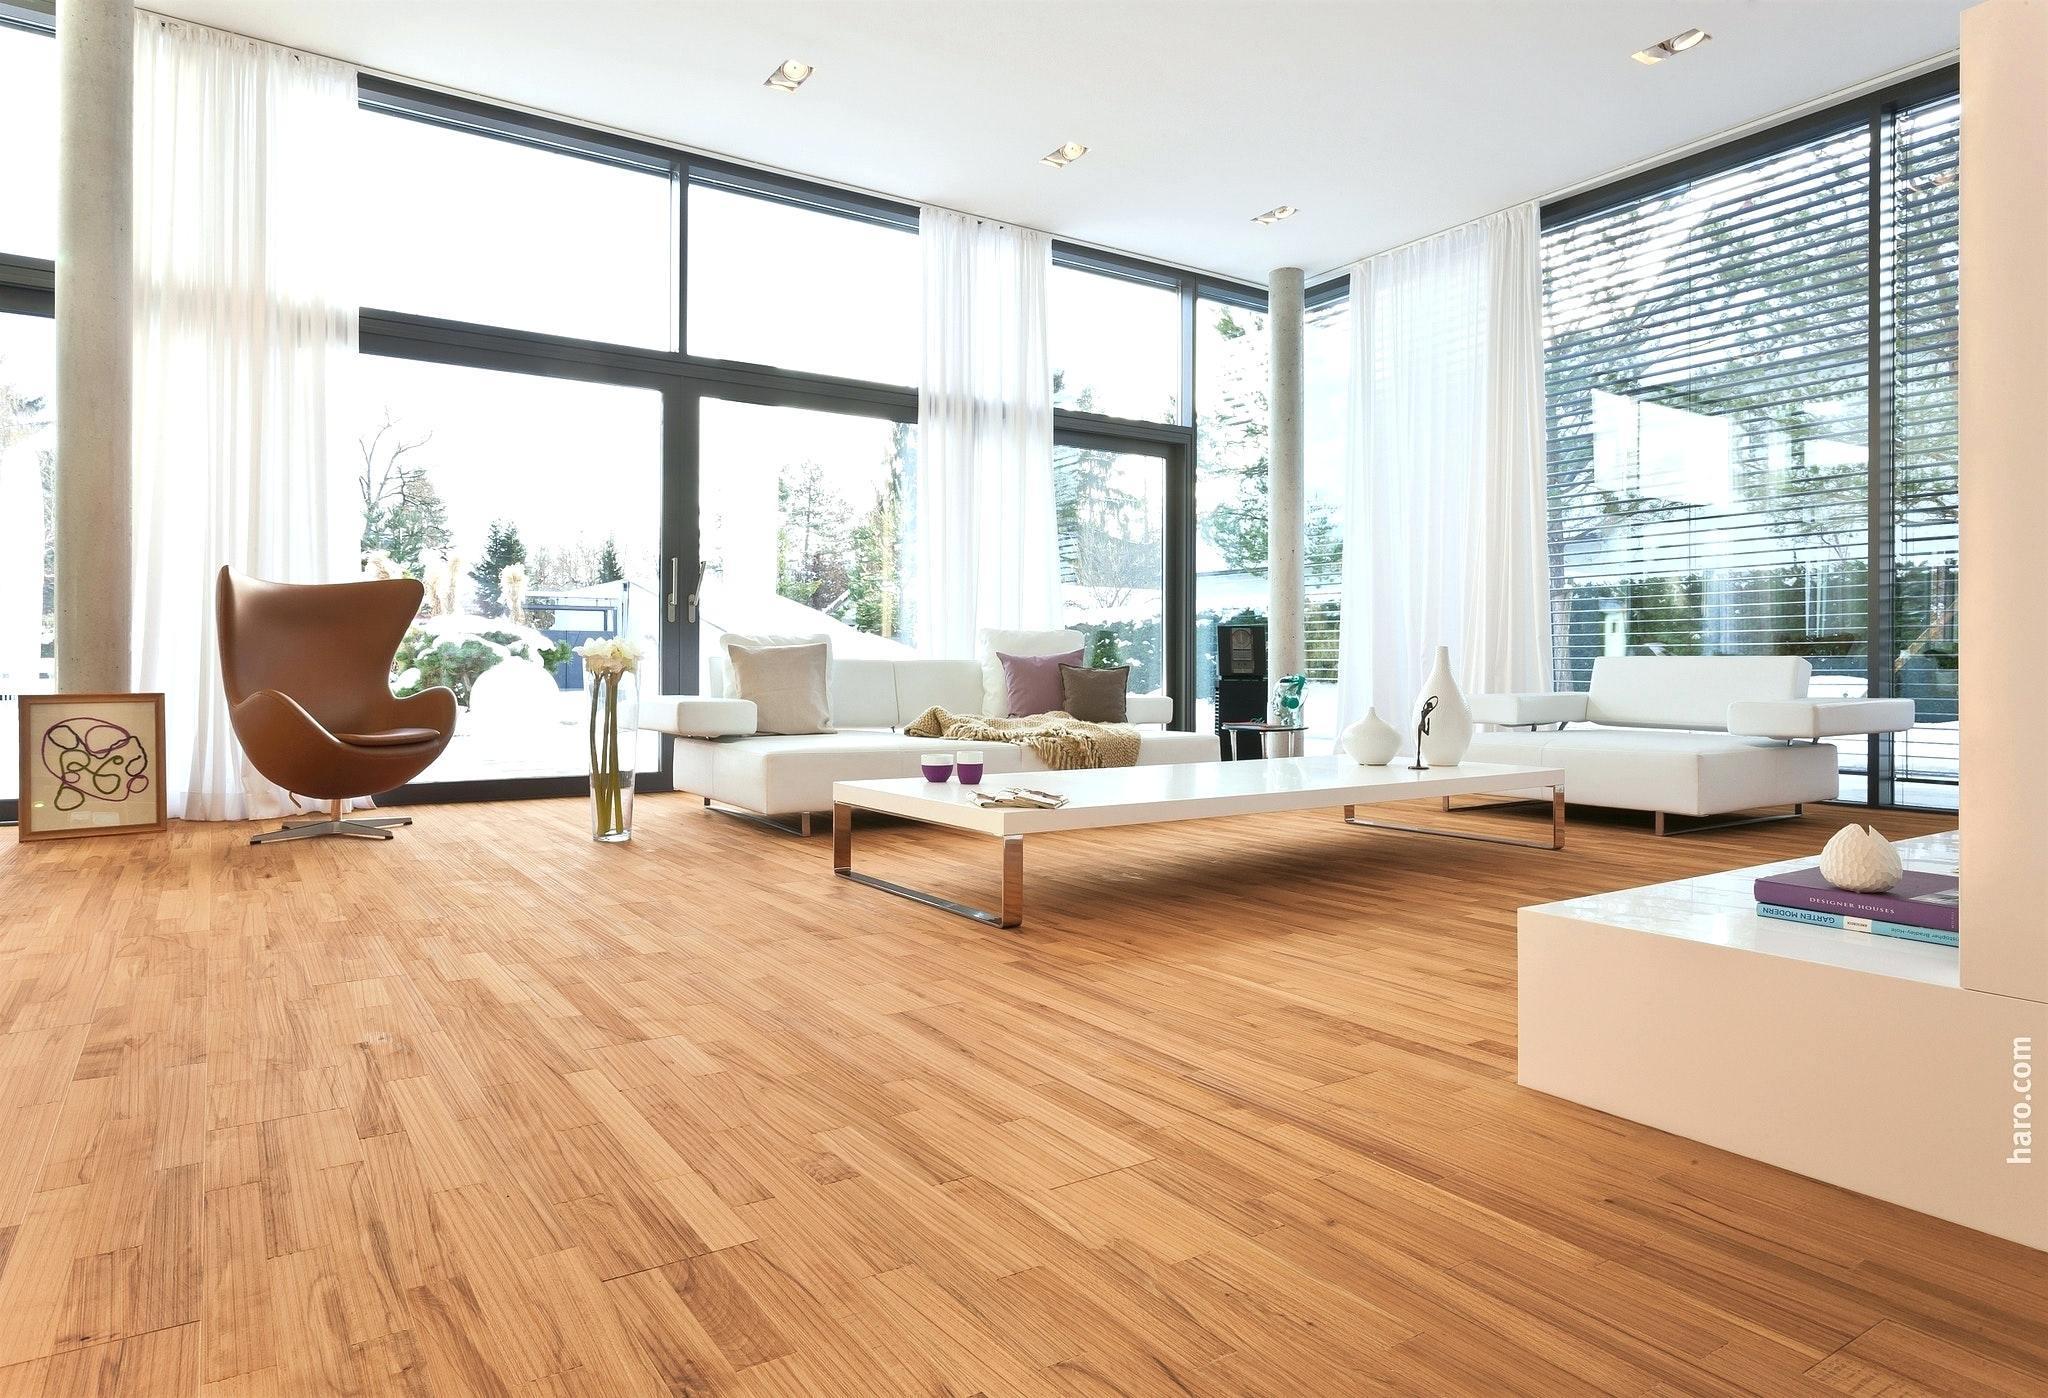 Full Size of Wohnzimmer Modern Luxus Bilder Holz Grau Gestalten Dekoration Ideen Dekorieren Modernisieren Einrichten Streichen Stehlampe Schrank Esstisch Wohnwand Tapeten Wohnzimmer Wohnzimmer Modern